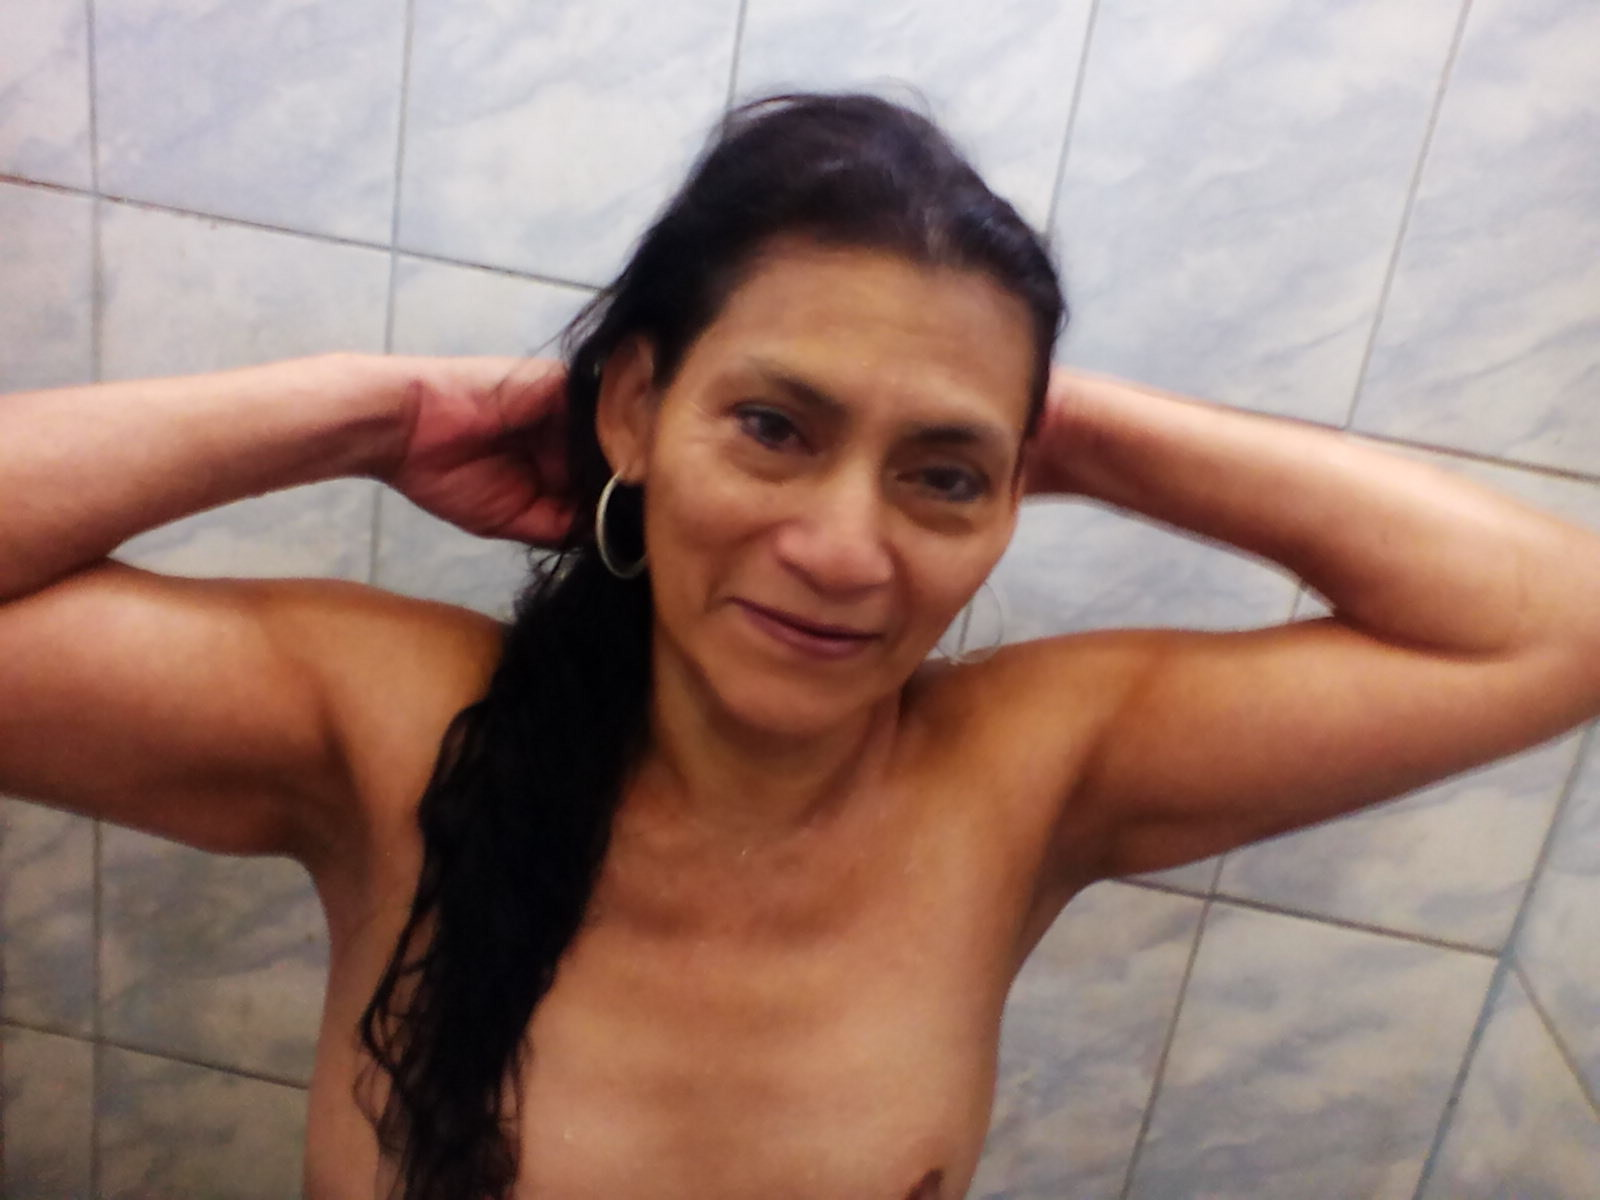 Тощий зад пожилой перуанской женщины